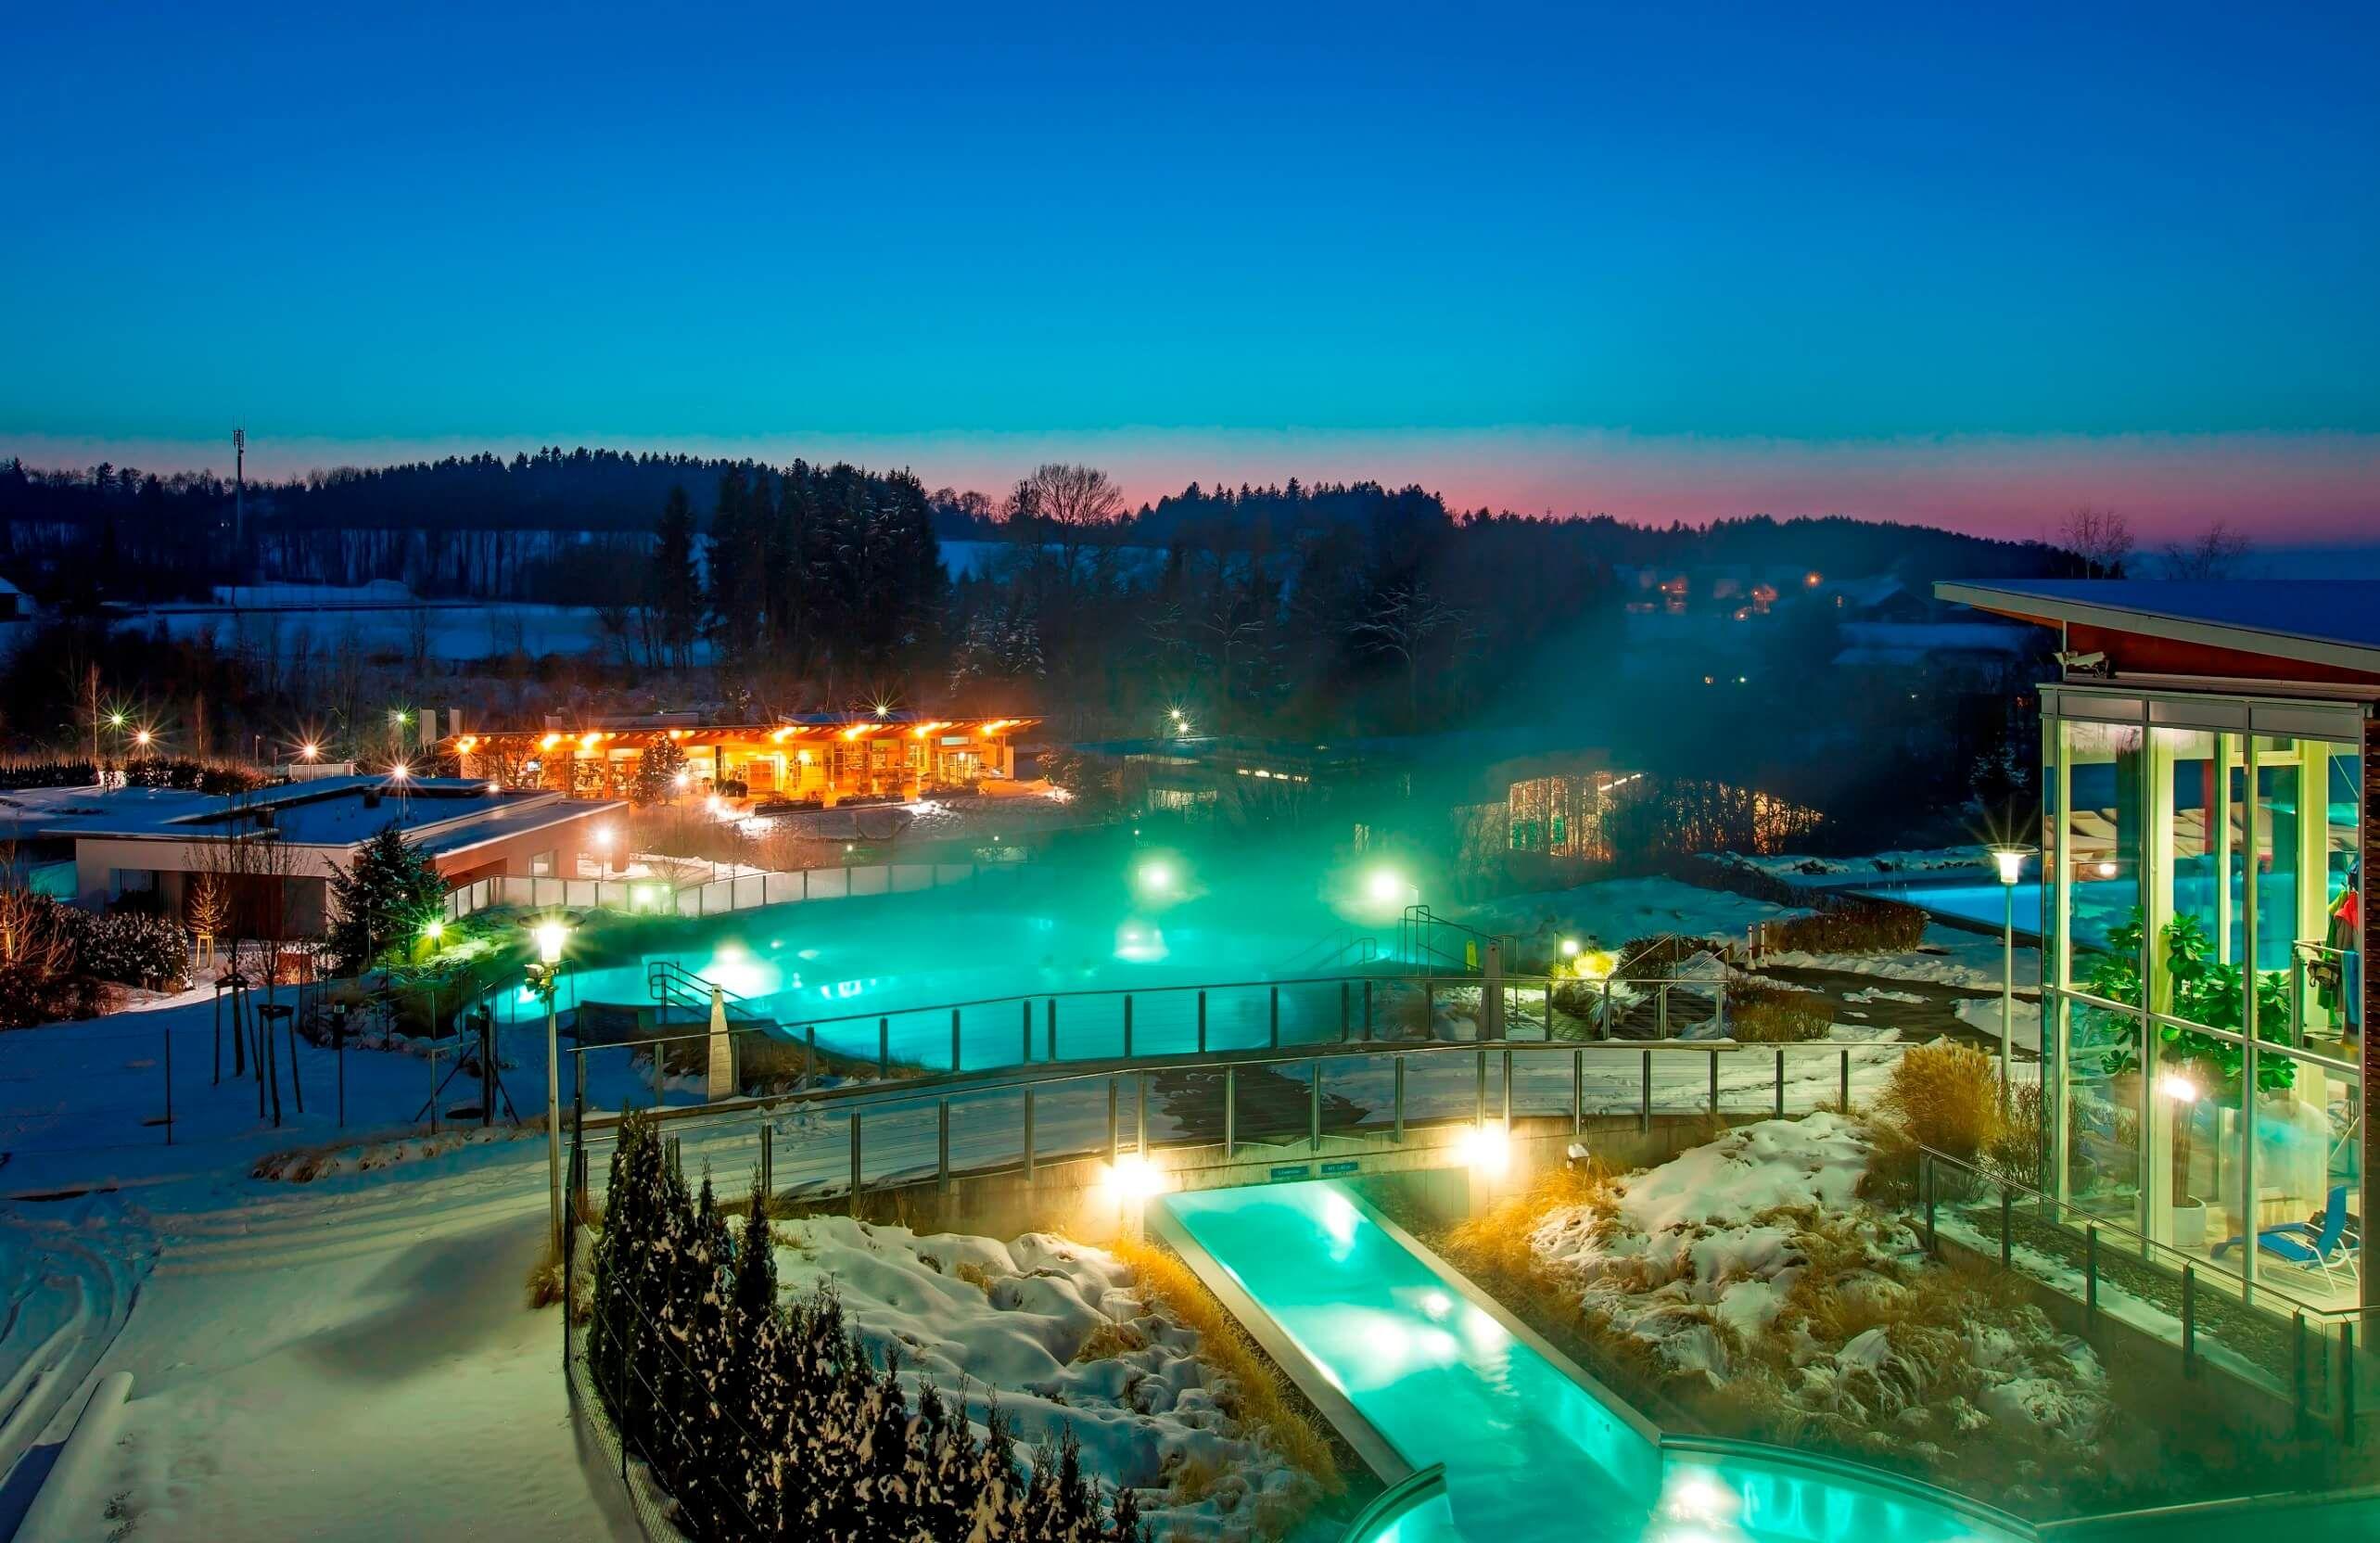 [Juni bis August] 4 Sterne Resort Therme Geinberg (Österreich) inkl. 2 Tageseintrite in die Therme (Wert: 240€) inkl. Frühstück für 79.50 € p.P.